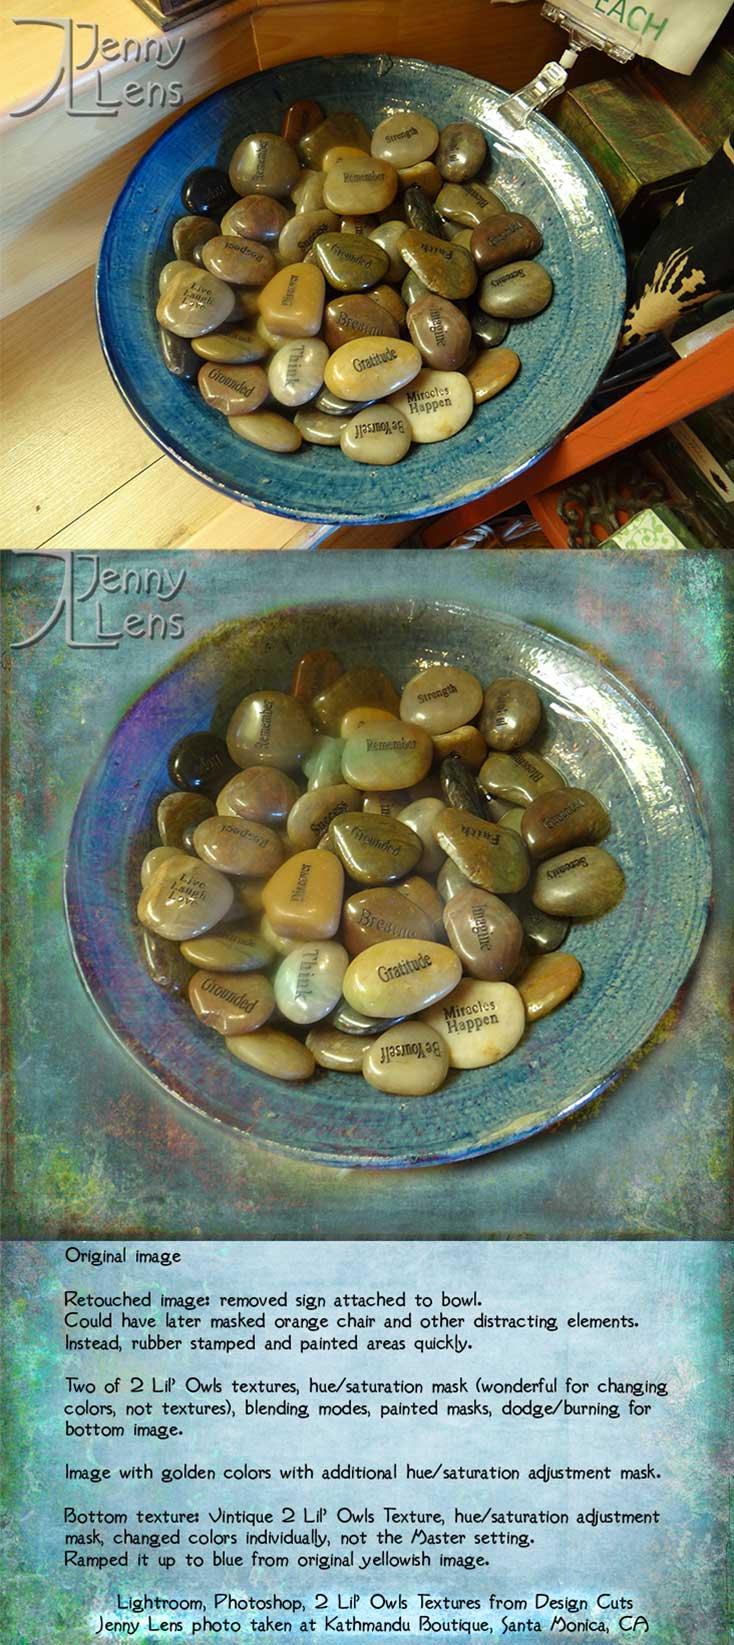 gratitude-bowl-images